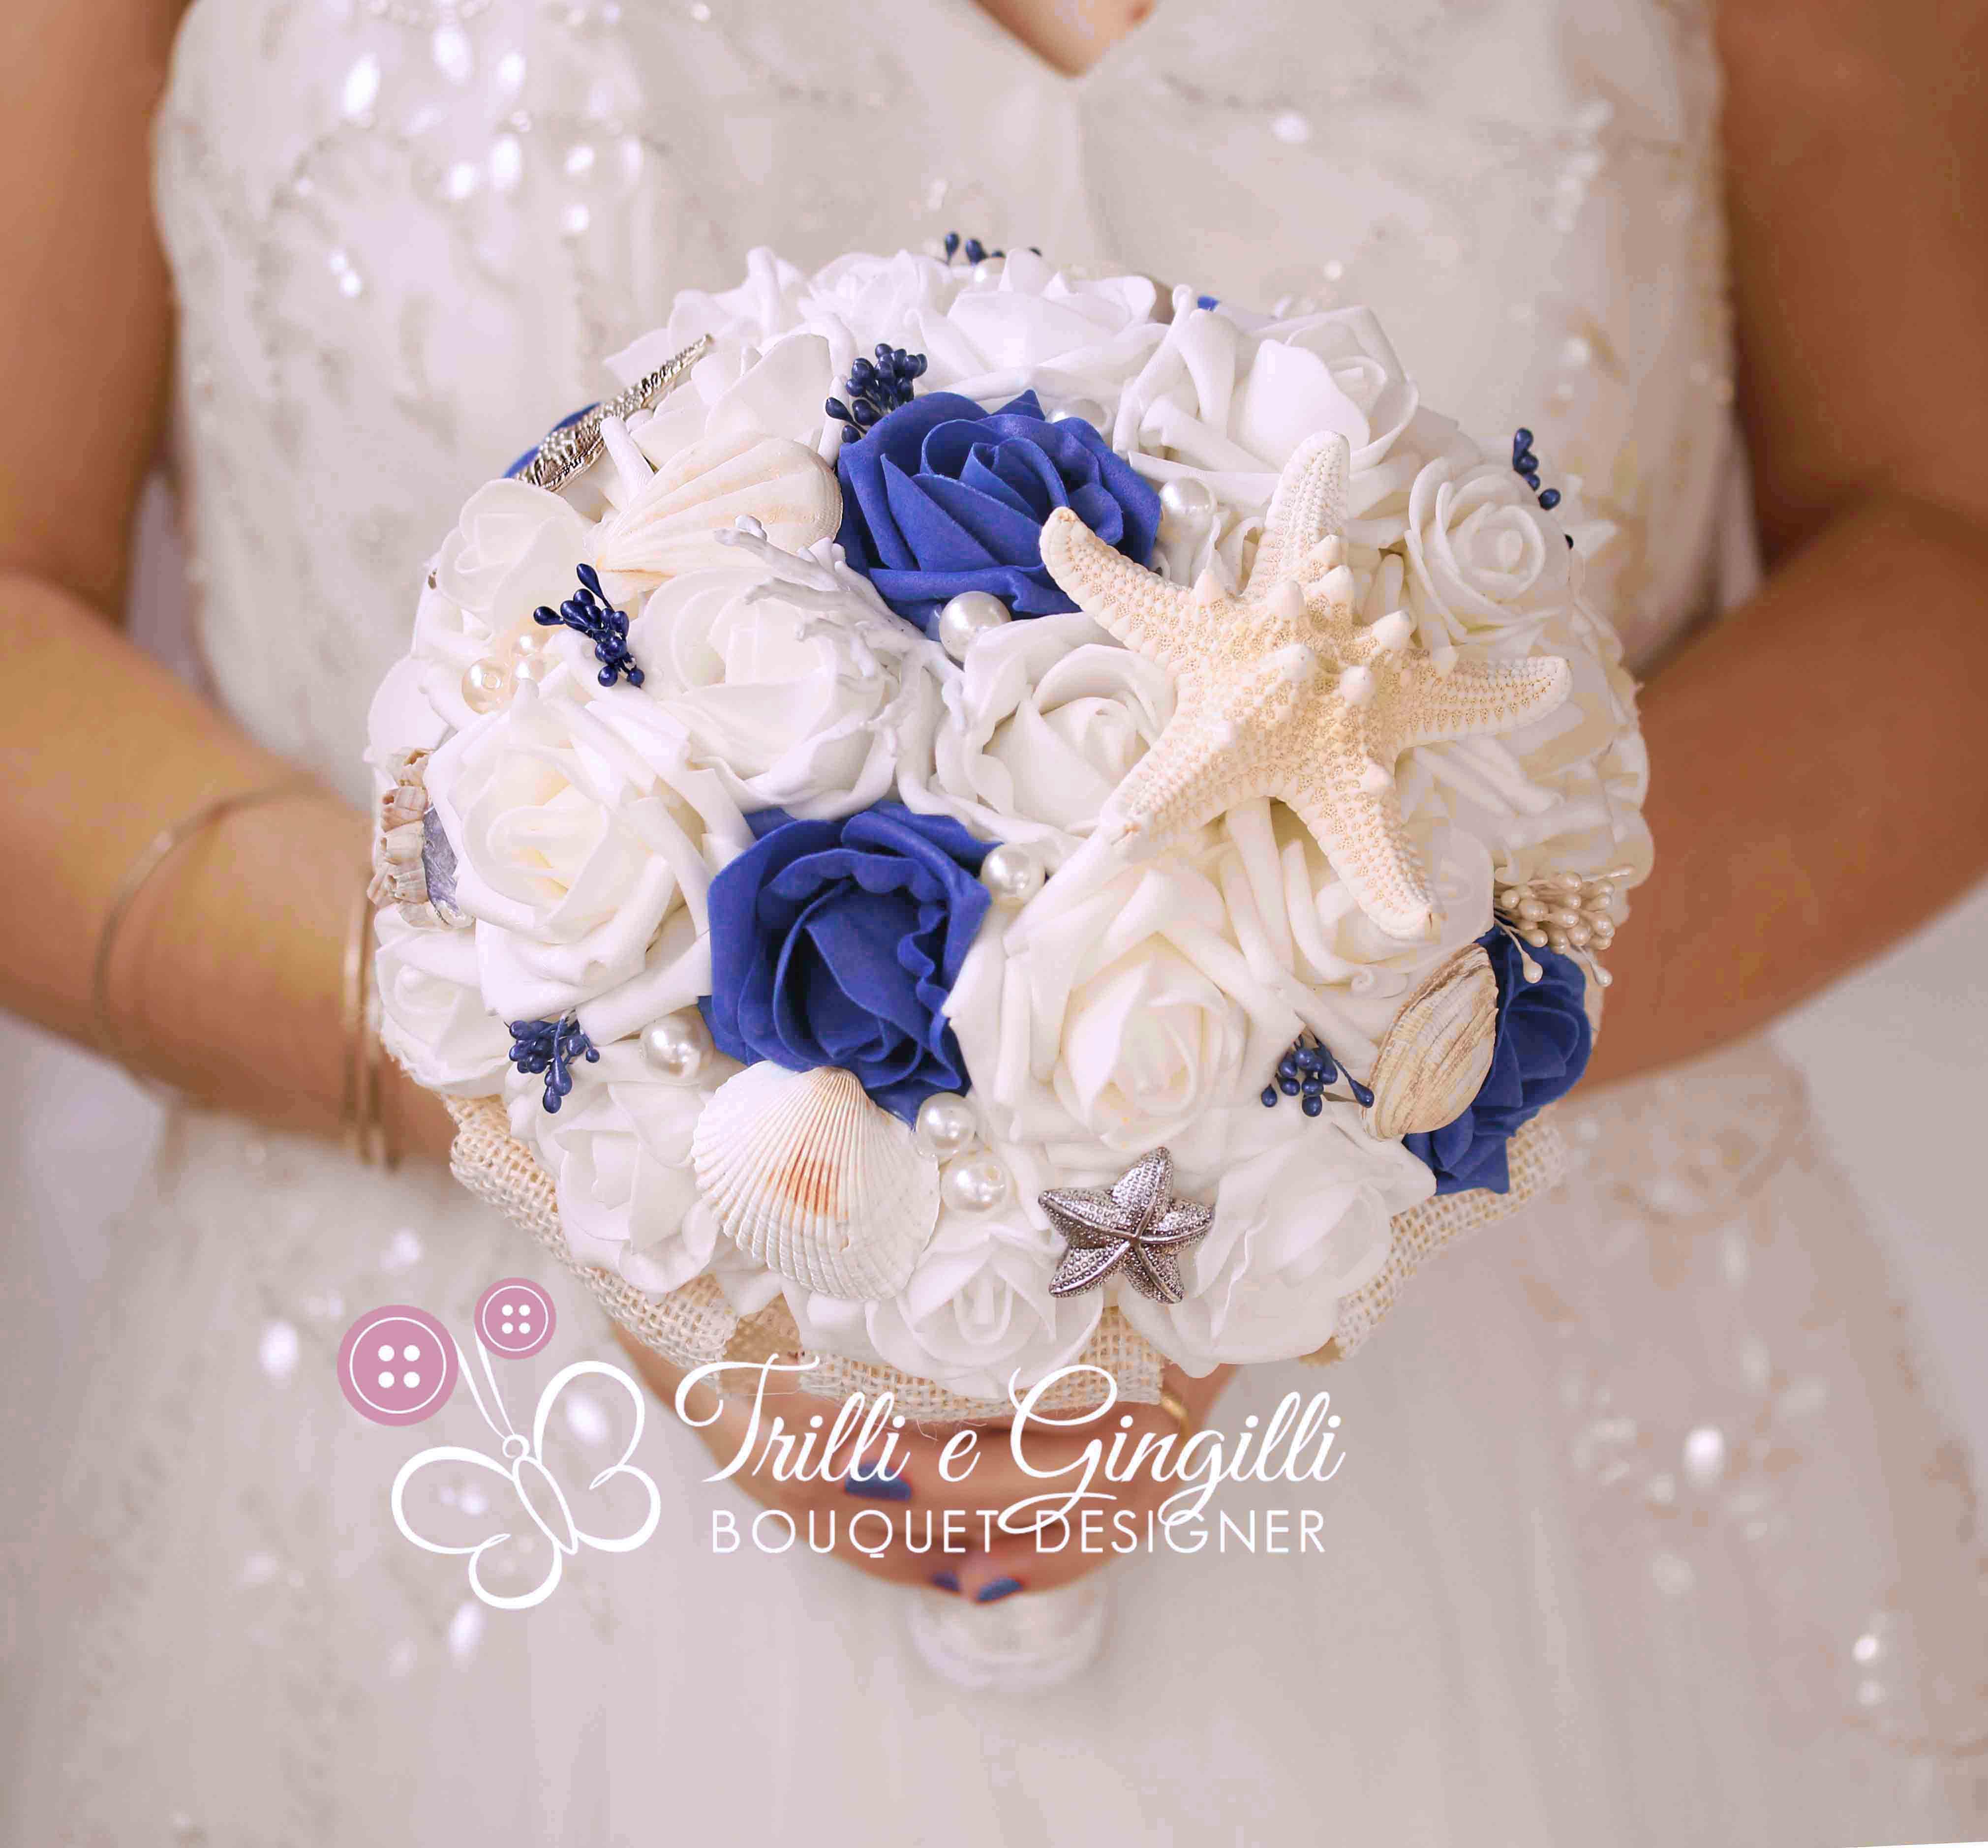 Bouquet Sposa Con Rose Bianche E Blu.Bouquet Rose Bianche E Blu Tema Mare